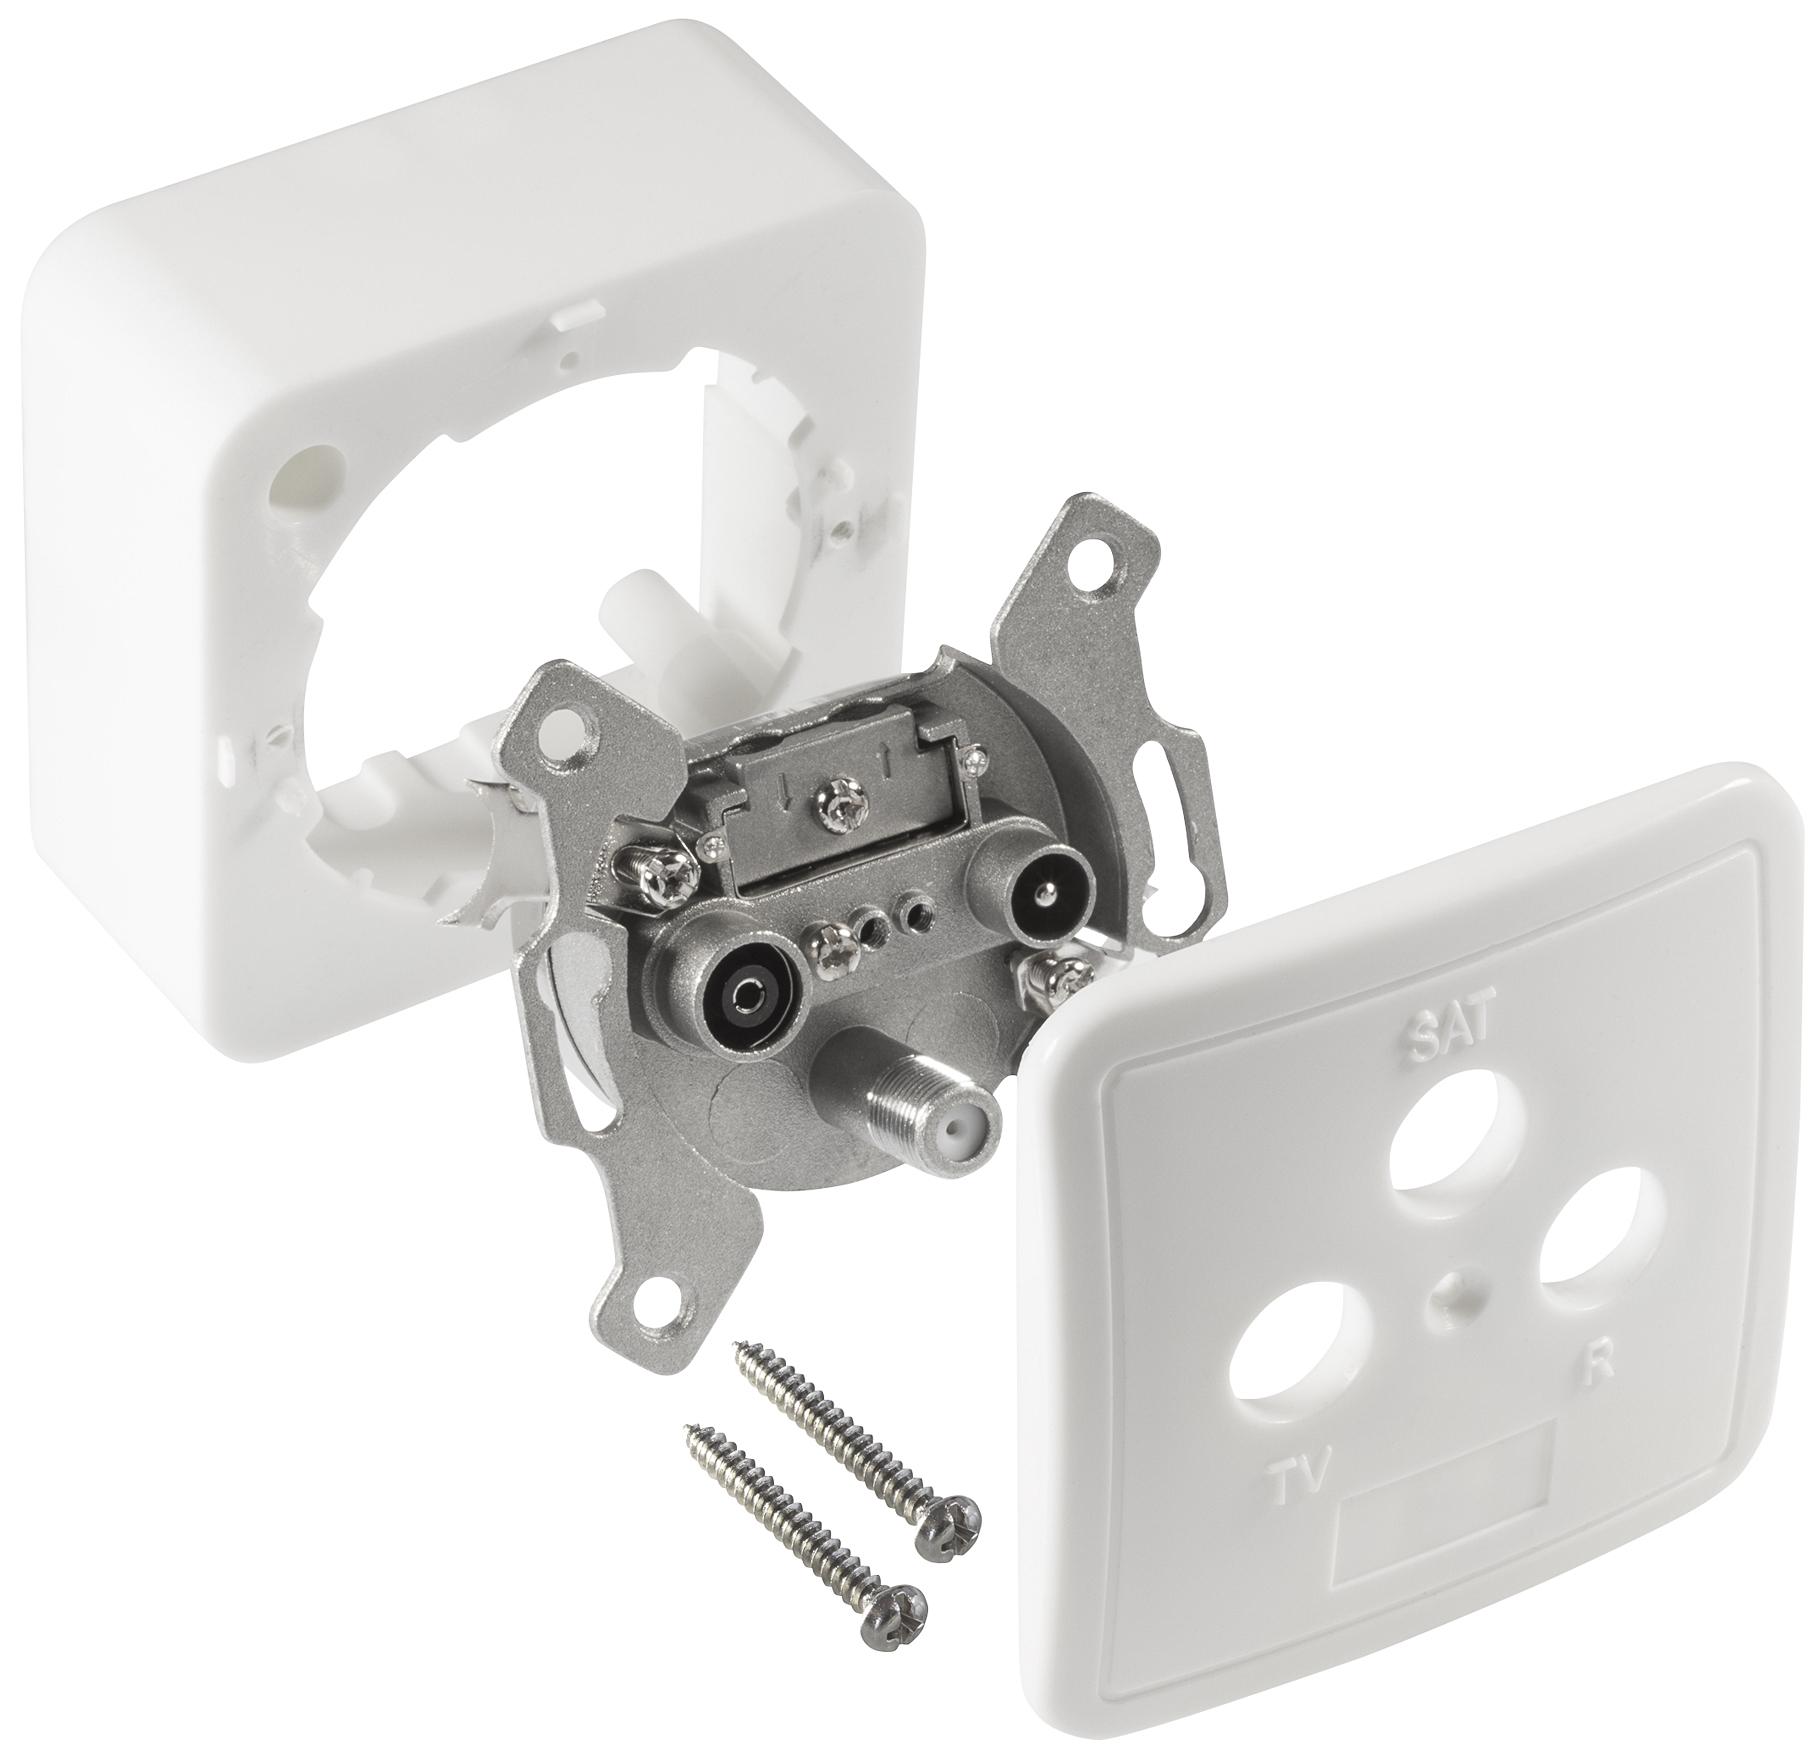 poppstar 3x 3 loch antennendose enddose sat und kabel anschluss digital analog ebay. Black Bedroom Furniture Sets. Home Design Ideas